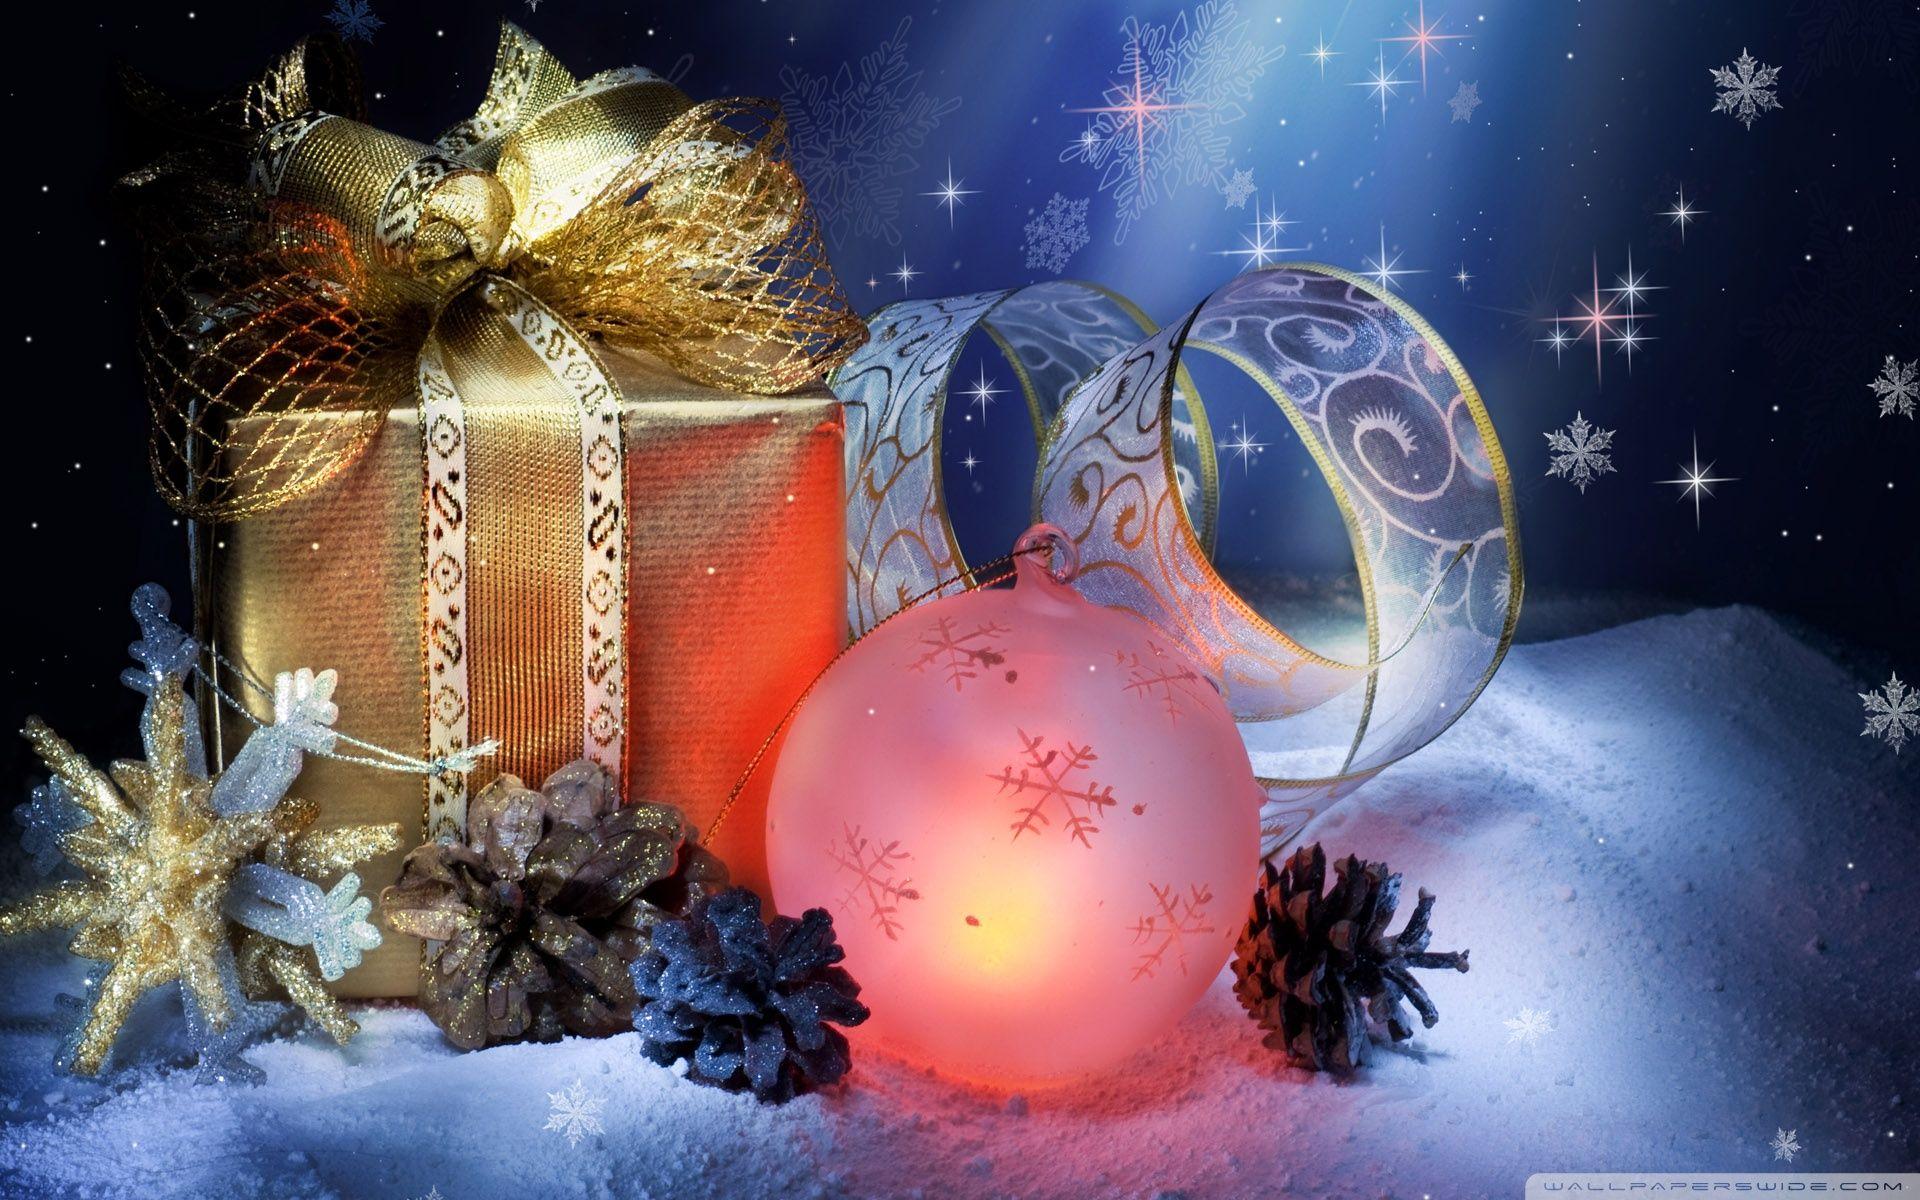 cincuenta fondos de pantallas de navidad y a o nuevo para